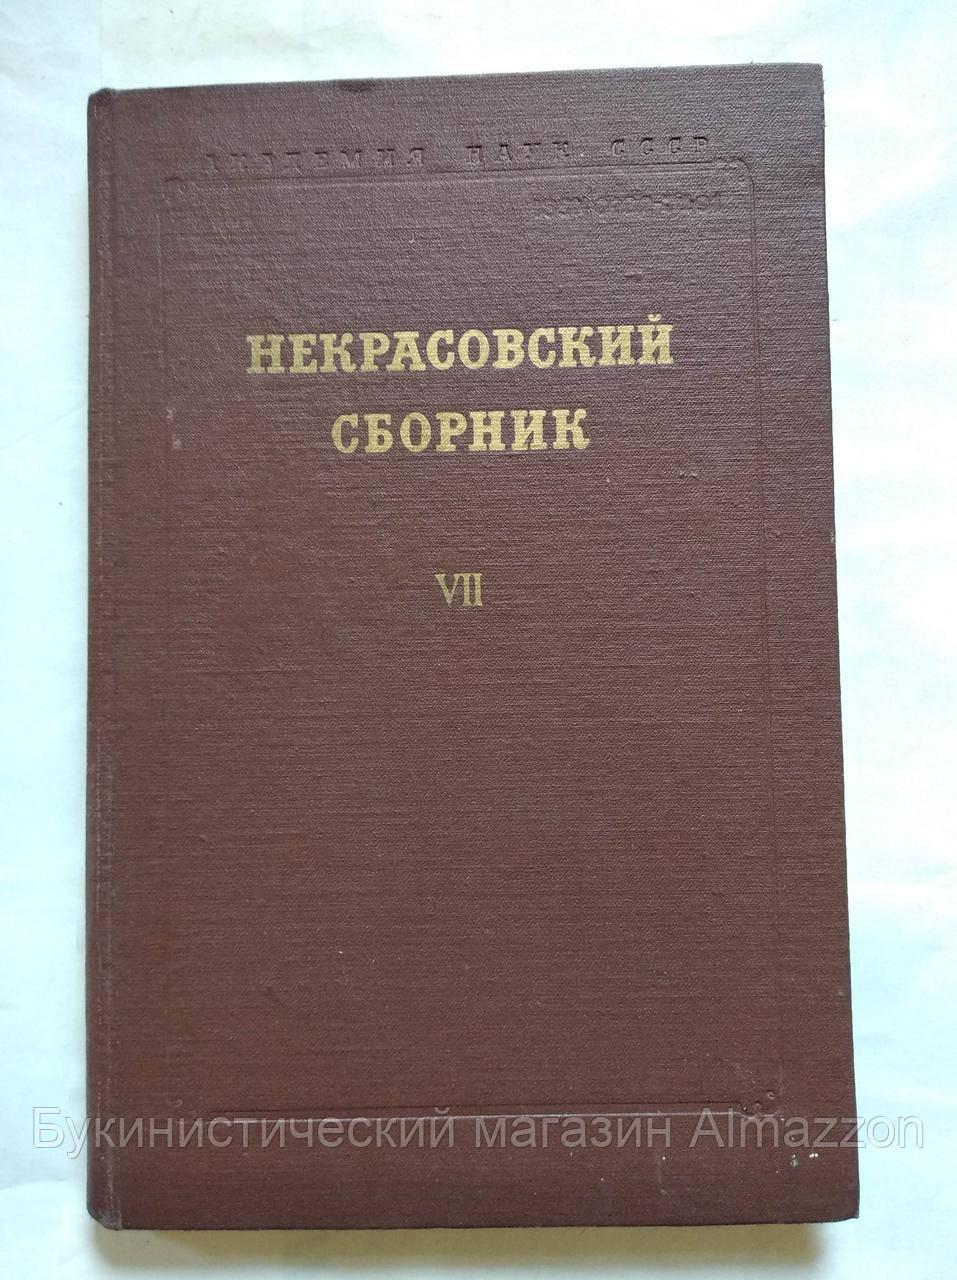 Некрасовский сборник. 7-й том 1980 год